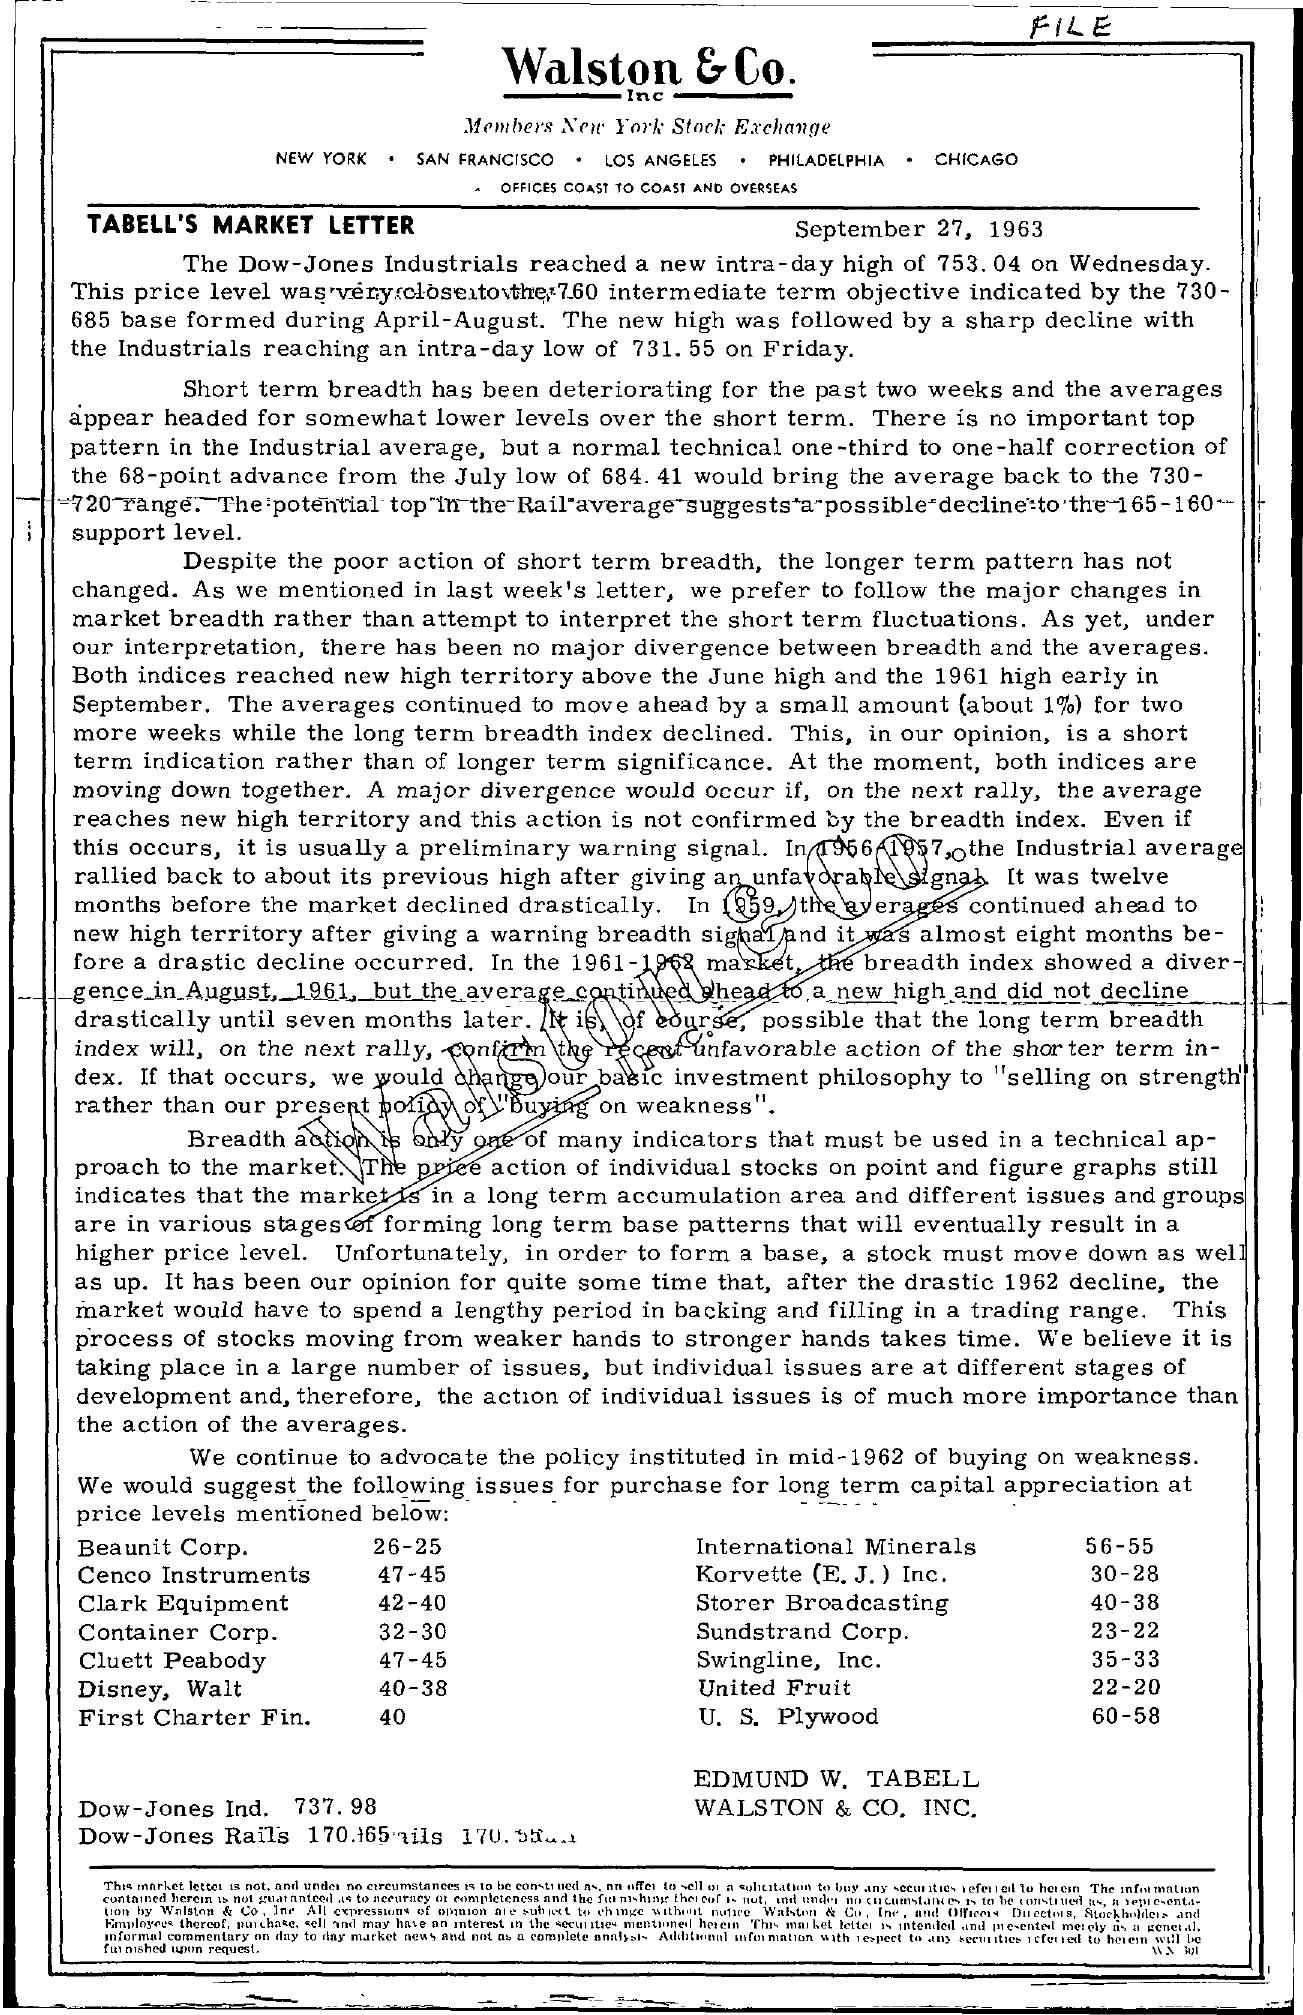 Tabell's Market Letter - September 27, 1963